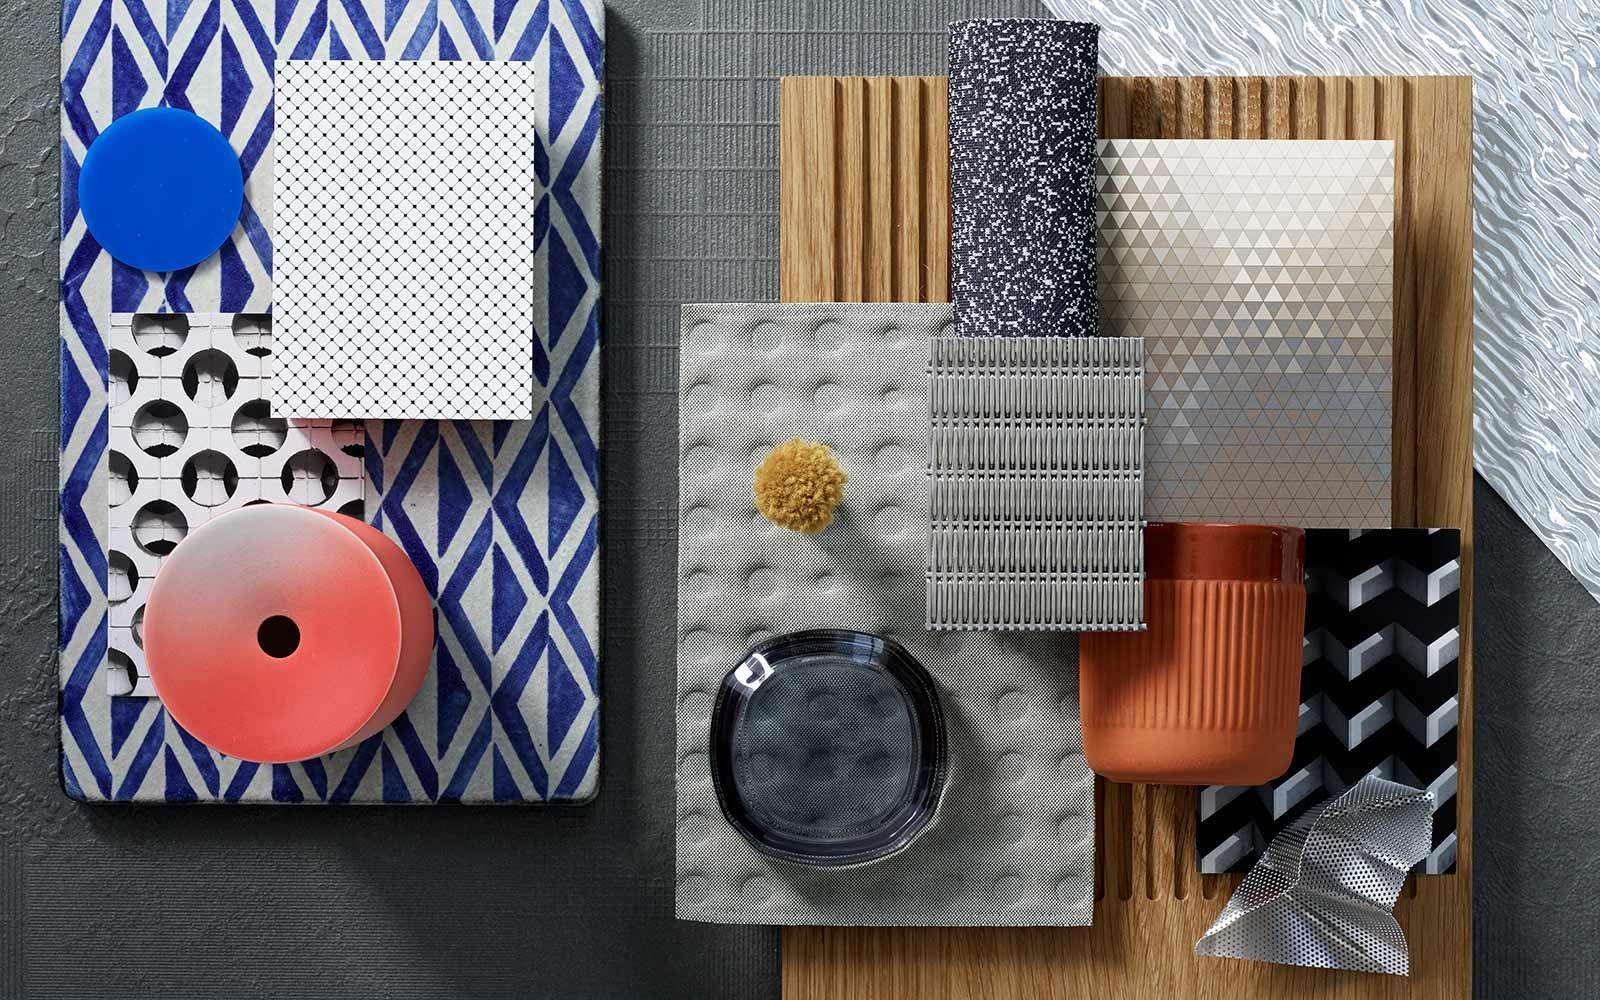 Materialien, die die Highline Express Graphic inspiriert haben wie Beton, Holz, Mauerwerk, Metall, Messing, Glass und Keramik